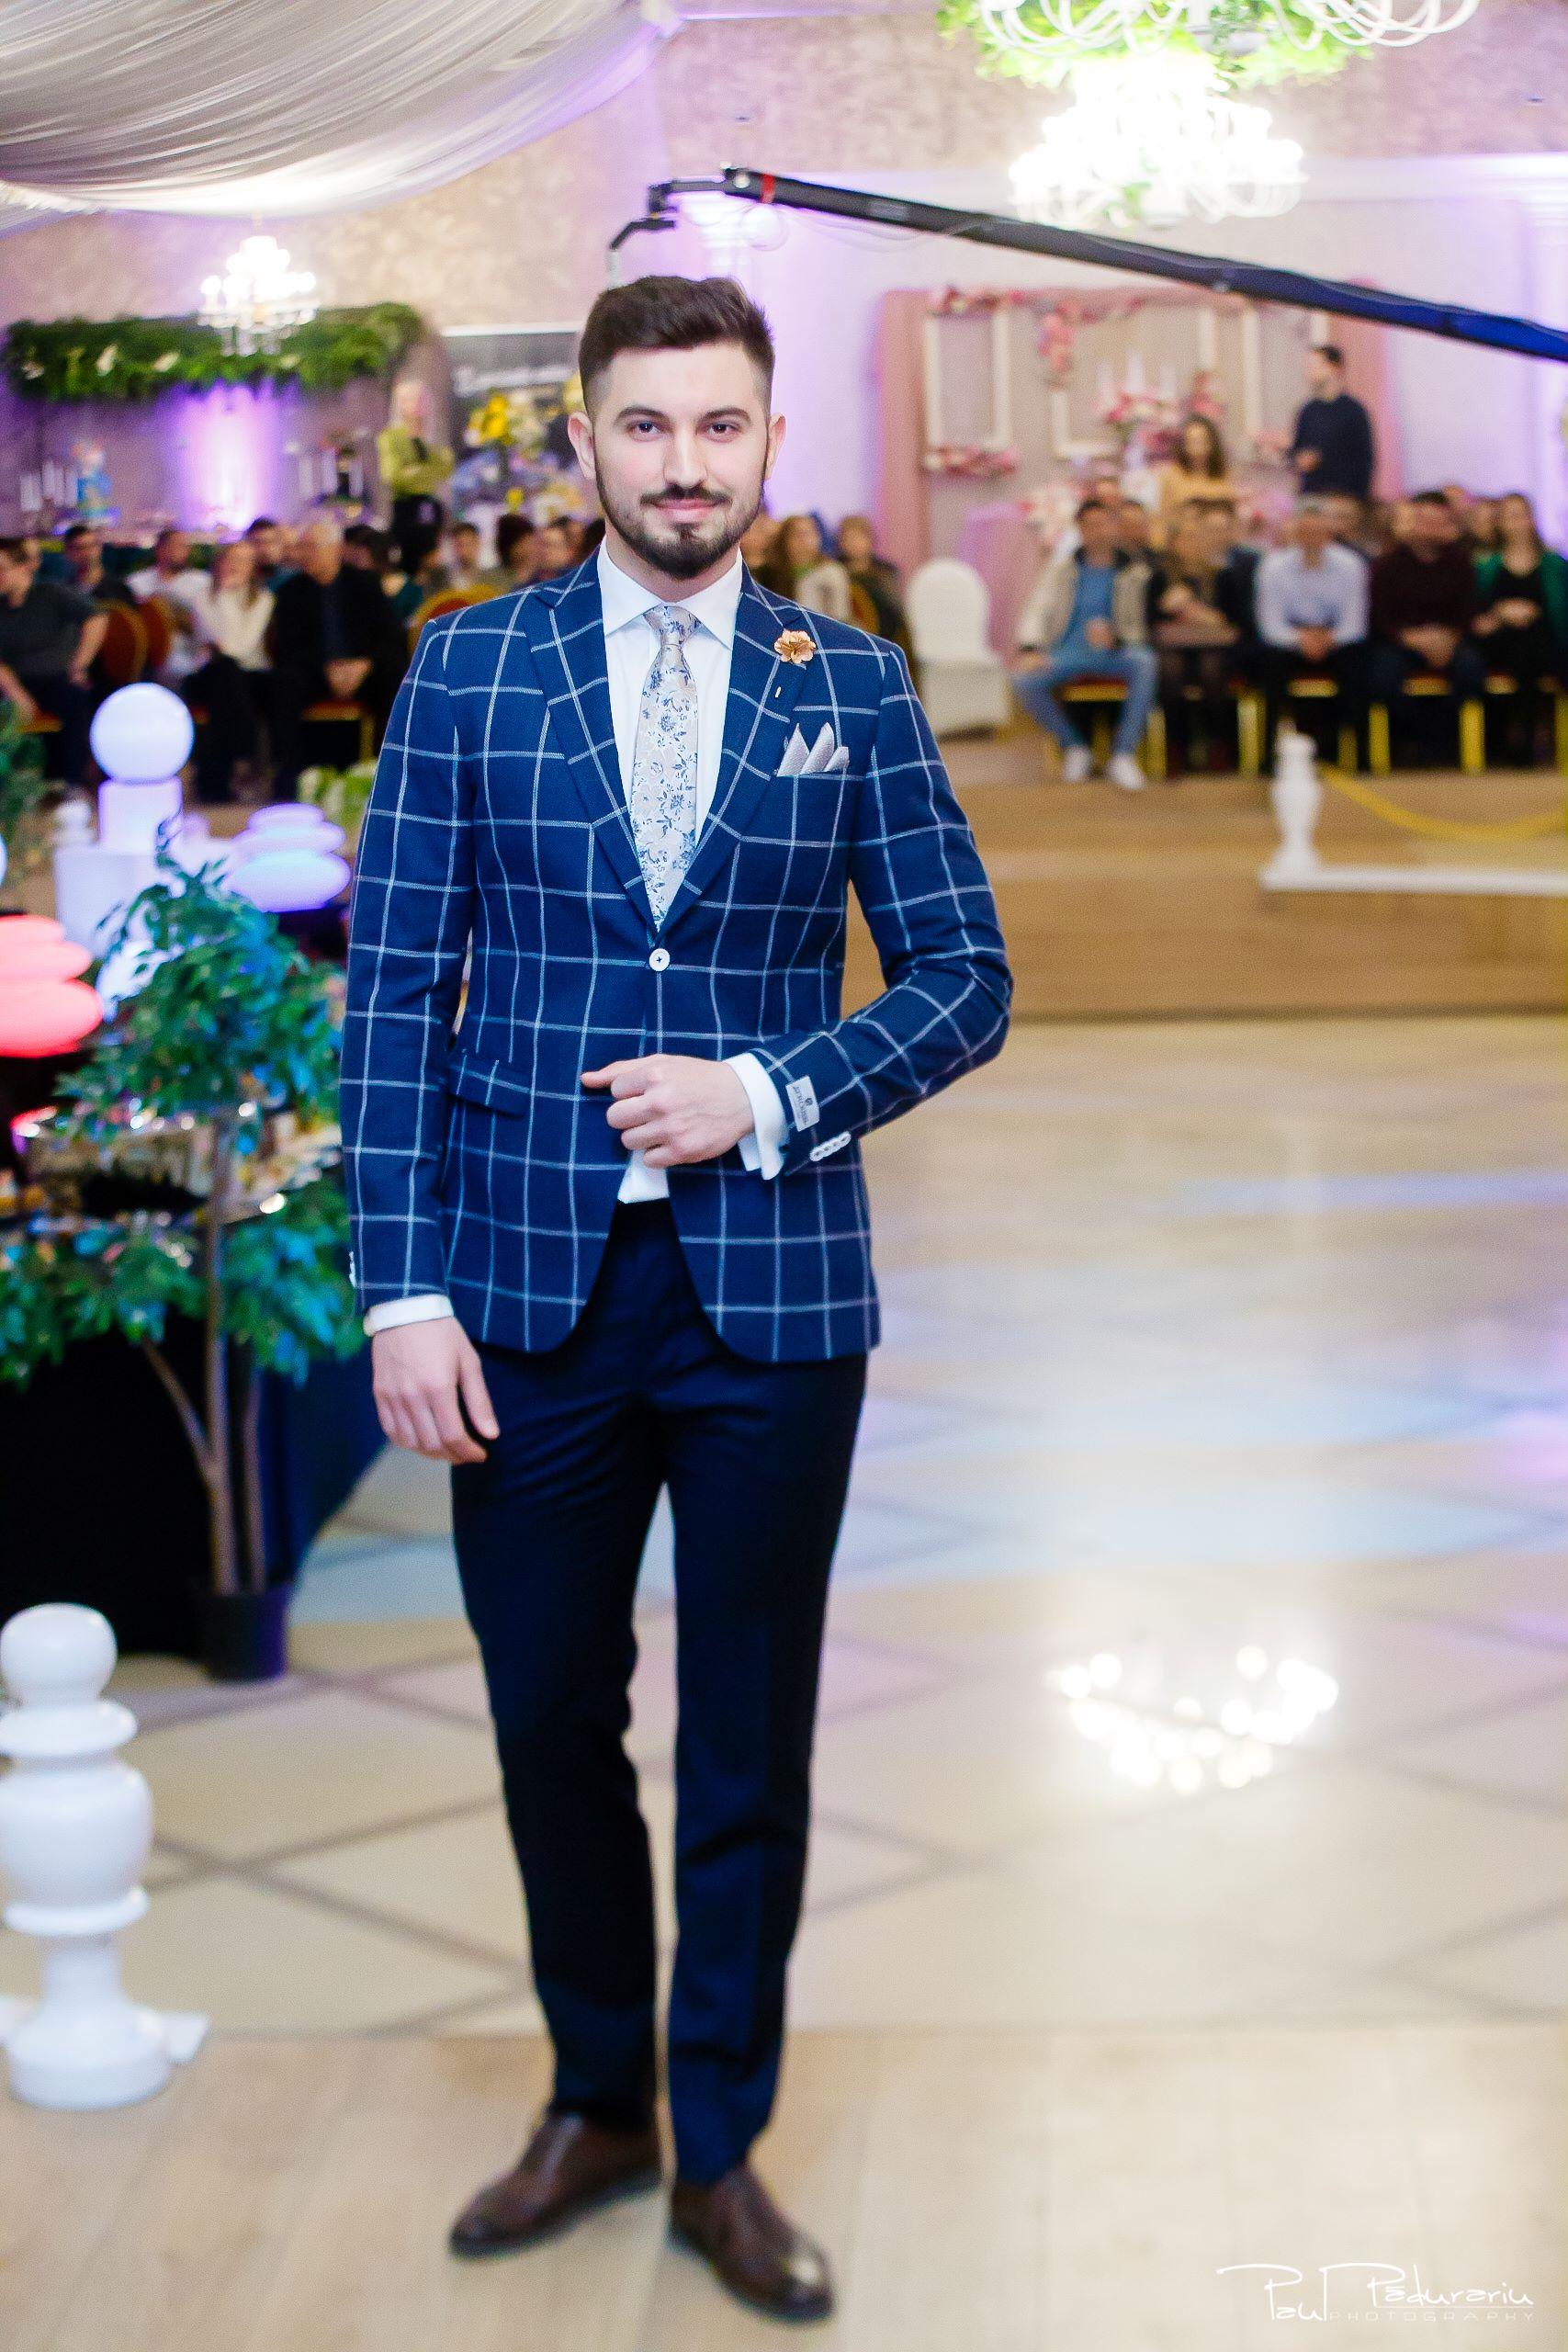 Seroussi | Producător și distribuitor de costume bărbătești colectia 2019 - costum mire - paul padurariu fotograf nunta iasi www.paulpadurariu.ro 8